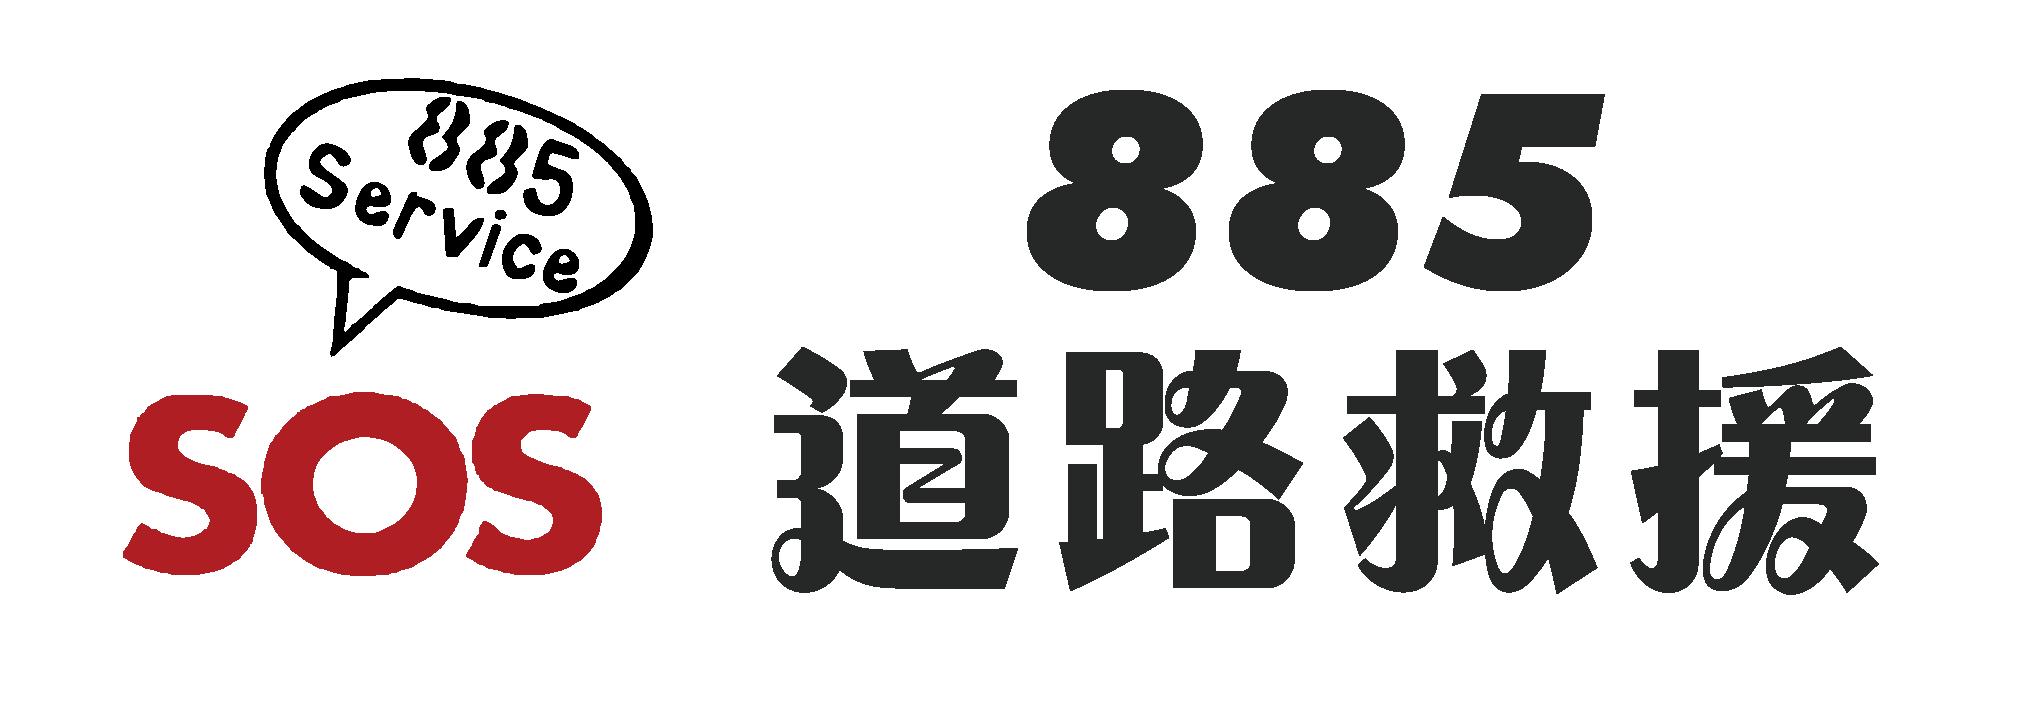 885道路救援-道路救援,桃園道路救援